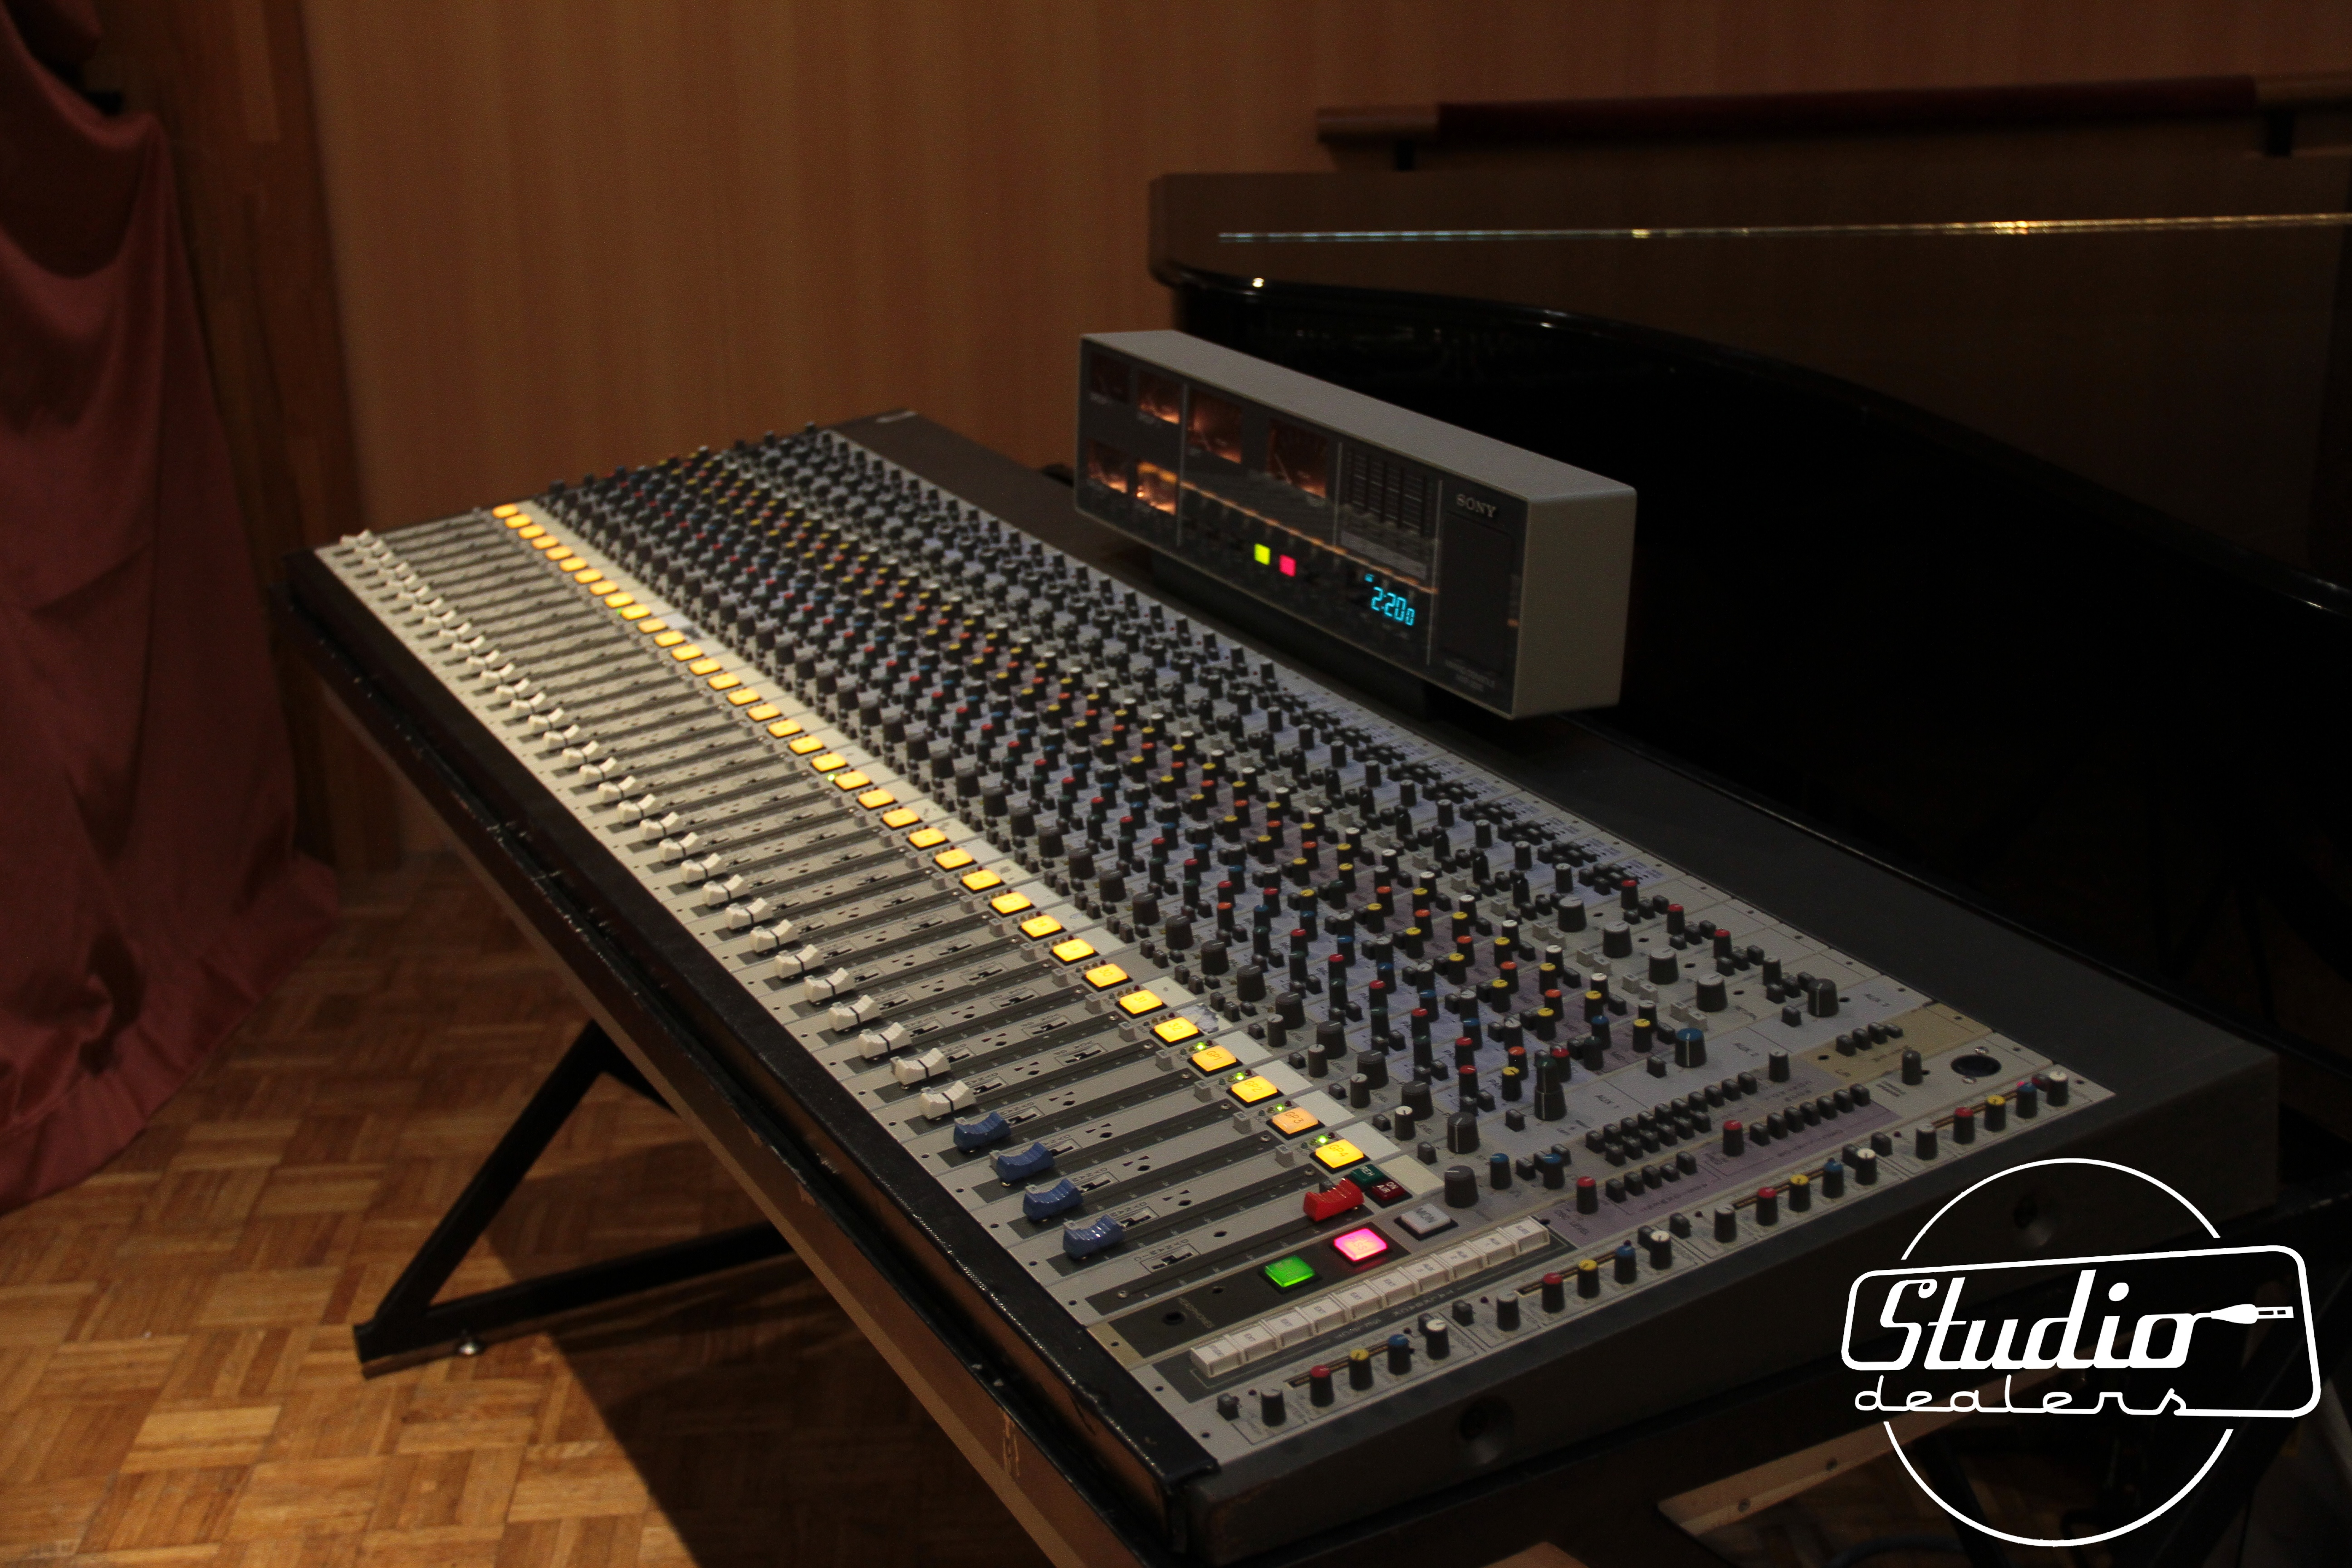 Photo mci mxp2000 mci mxp2000 58964 1815518 audiofanzine - Console analogique occasion ...